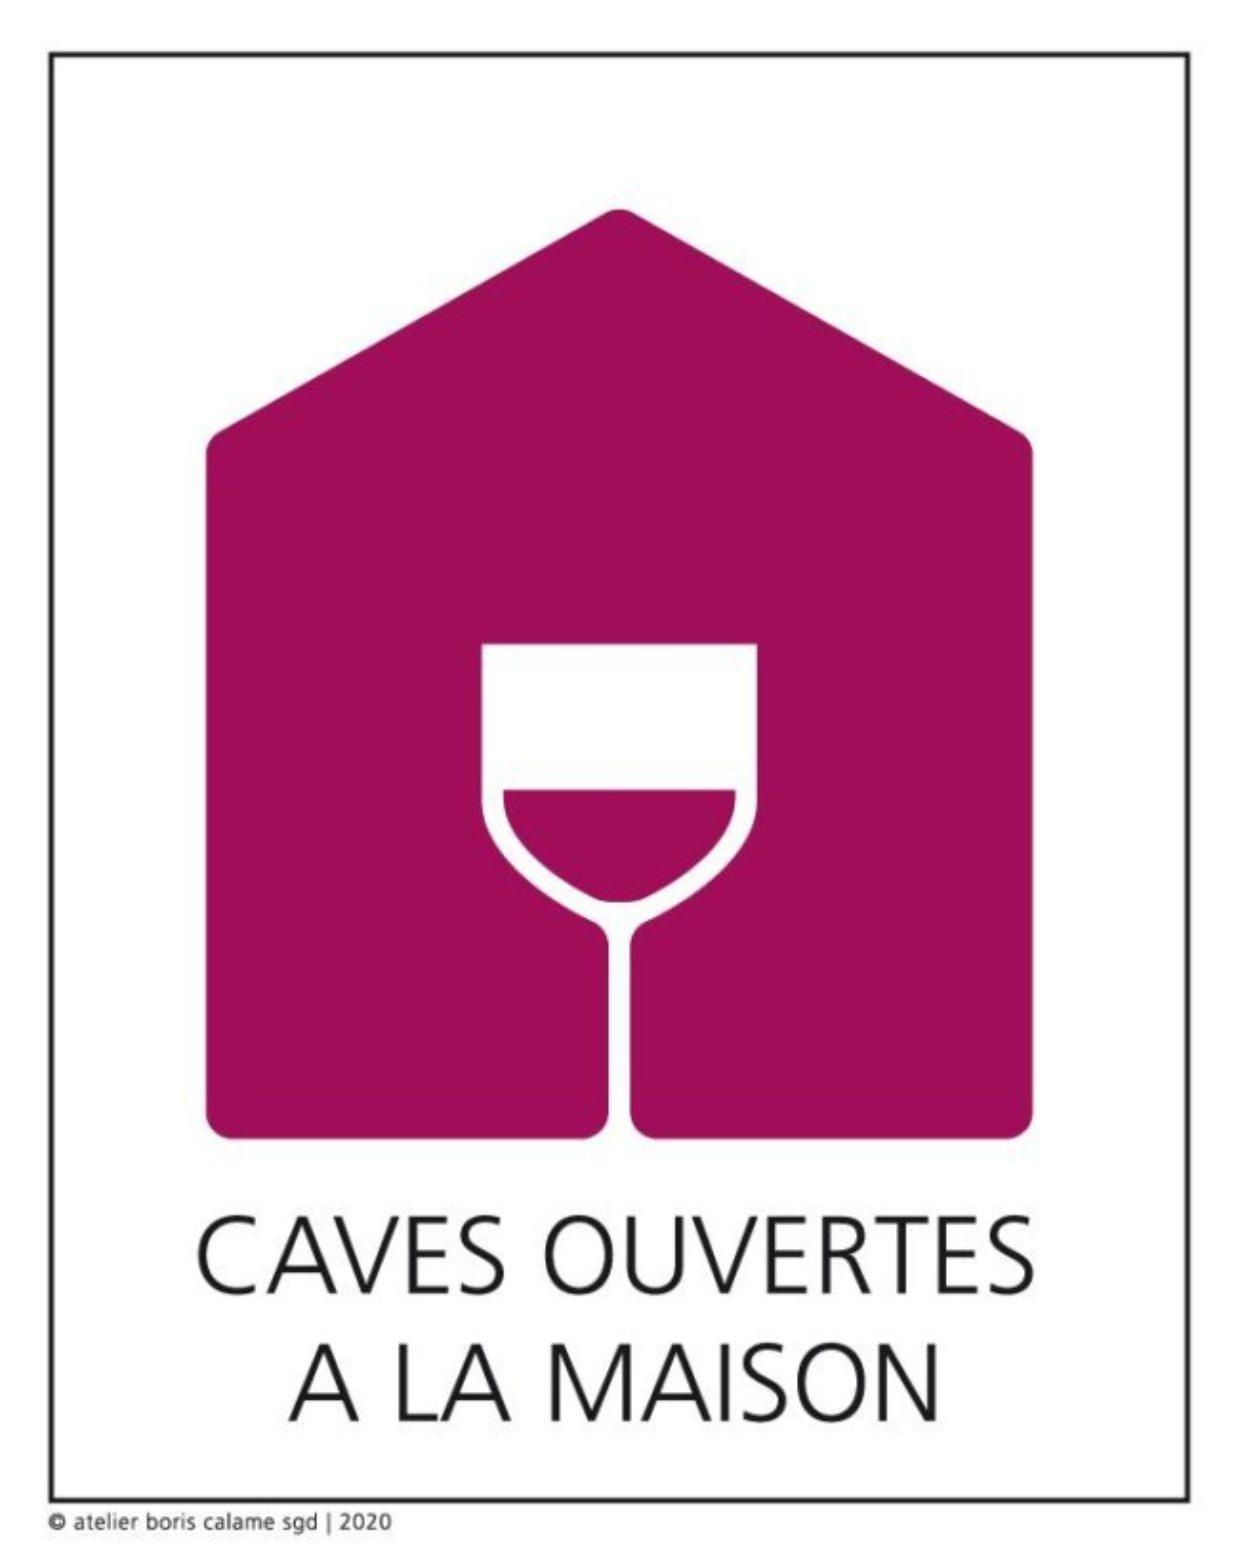 Caves ouvertes à la maison : Le carton de dégustation des Graves